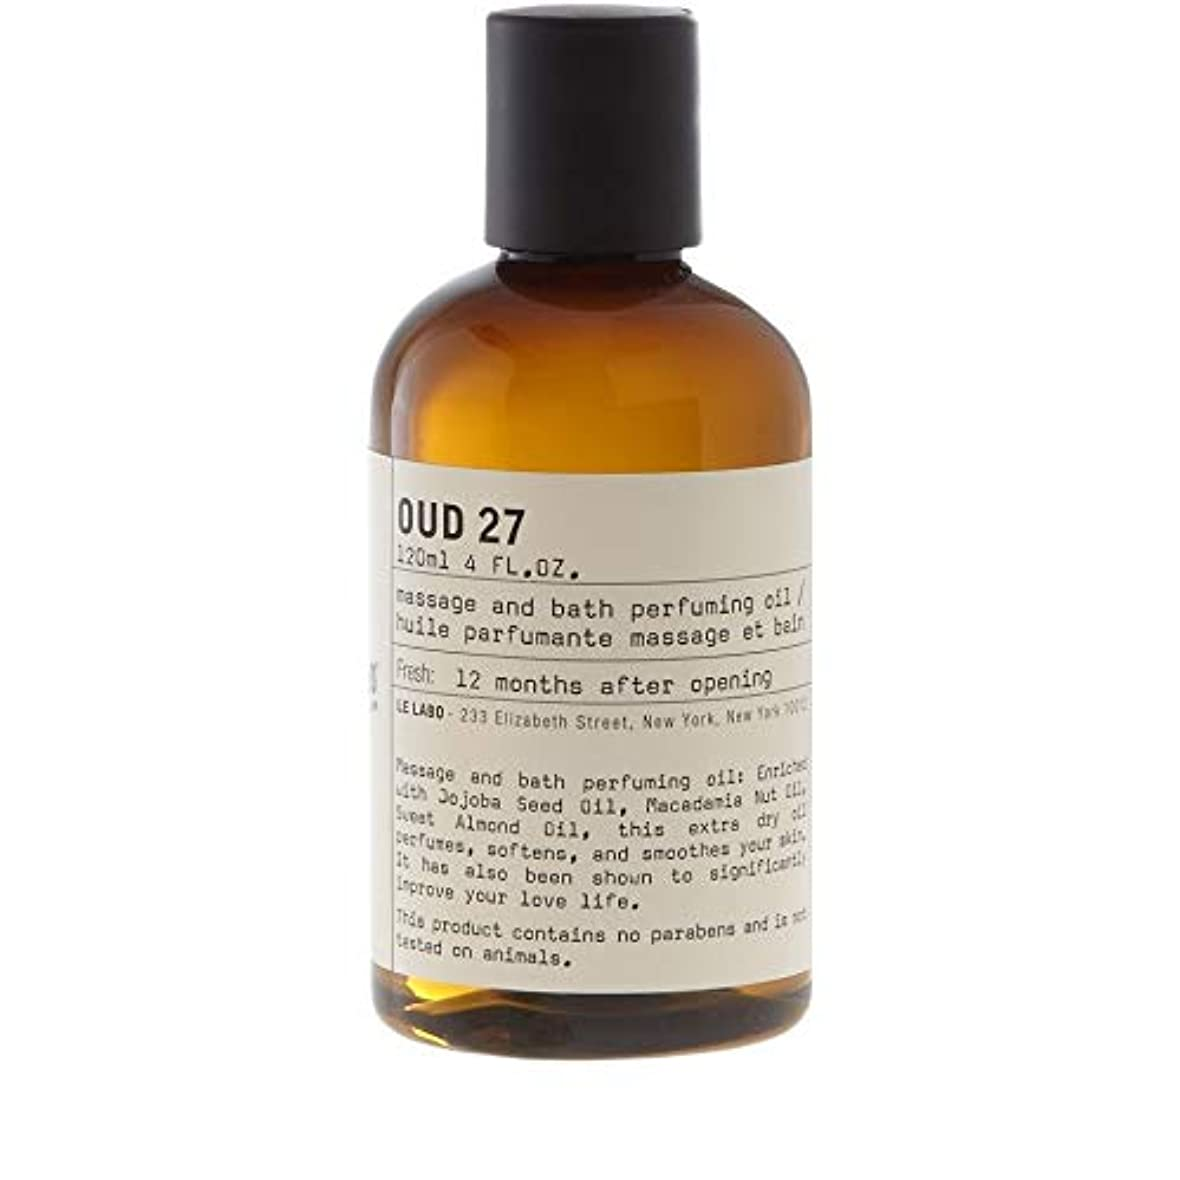 糸品種理容室[Le Labo ] ルラボウード27ボディオイル118ミリリットル - Le Labo Oud 27 Body Oil 118ml [並行輸入品]